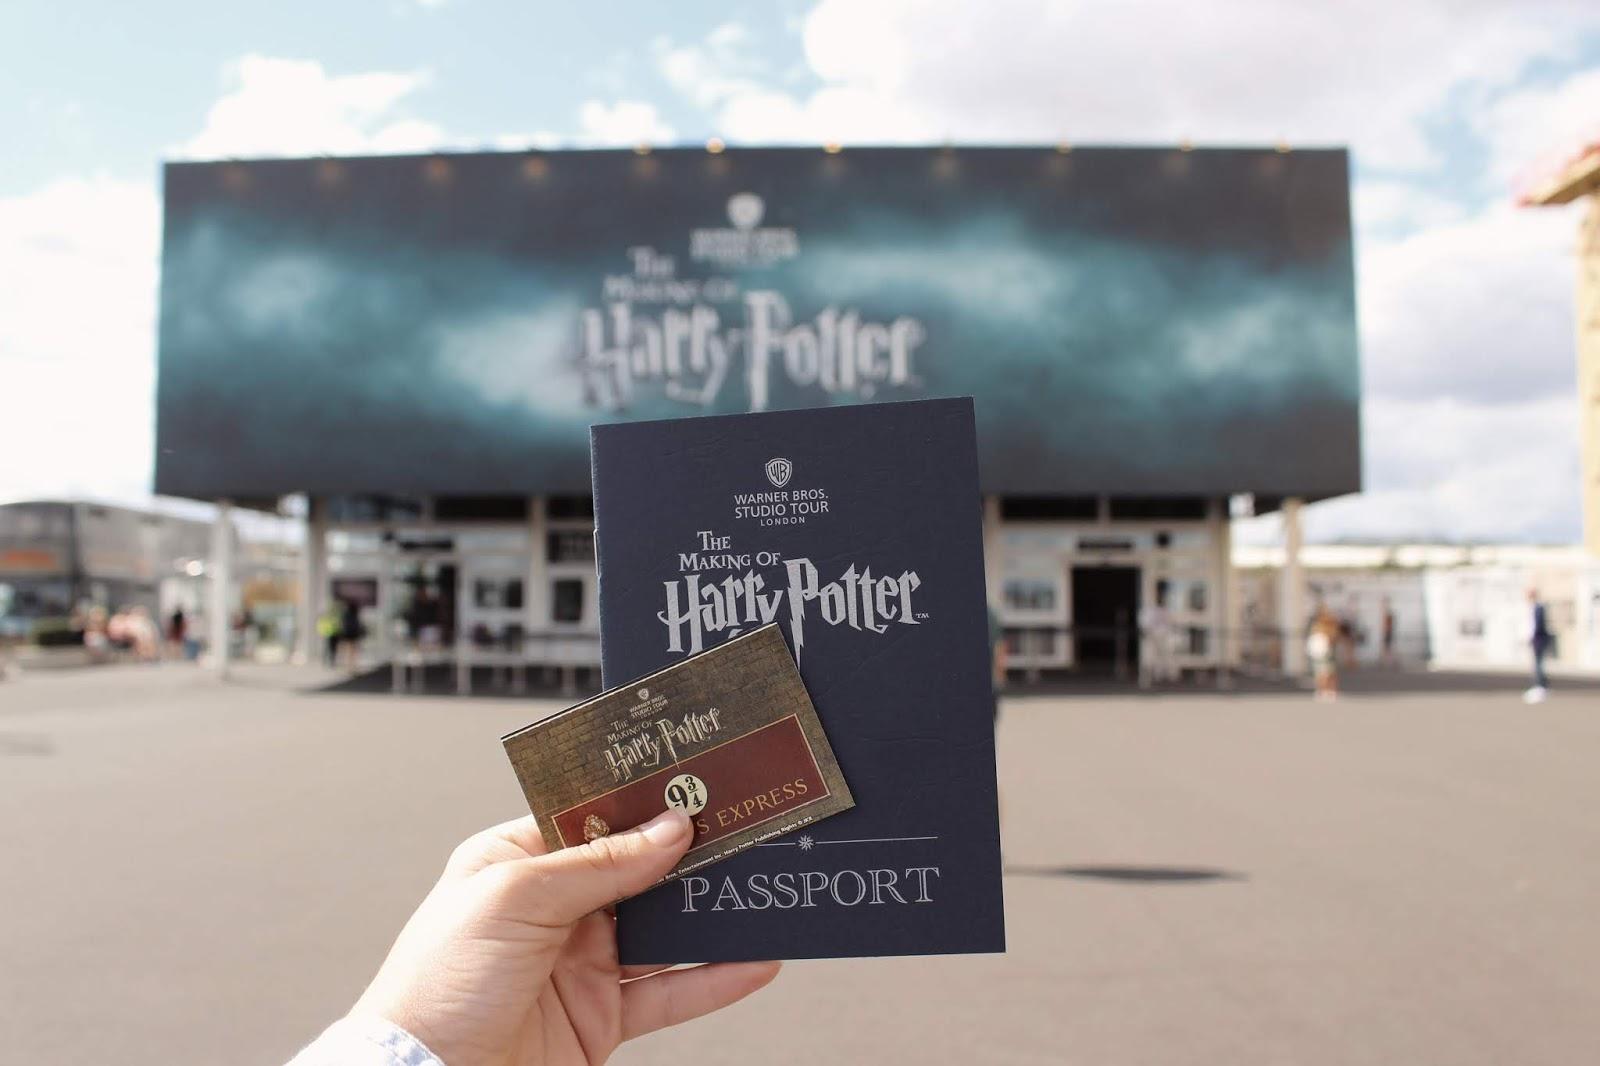 Všetko o Filmových štúdiach Harry Pottera v Londýne ║ Knihomoľ na cestách